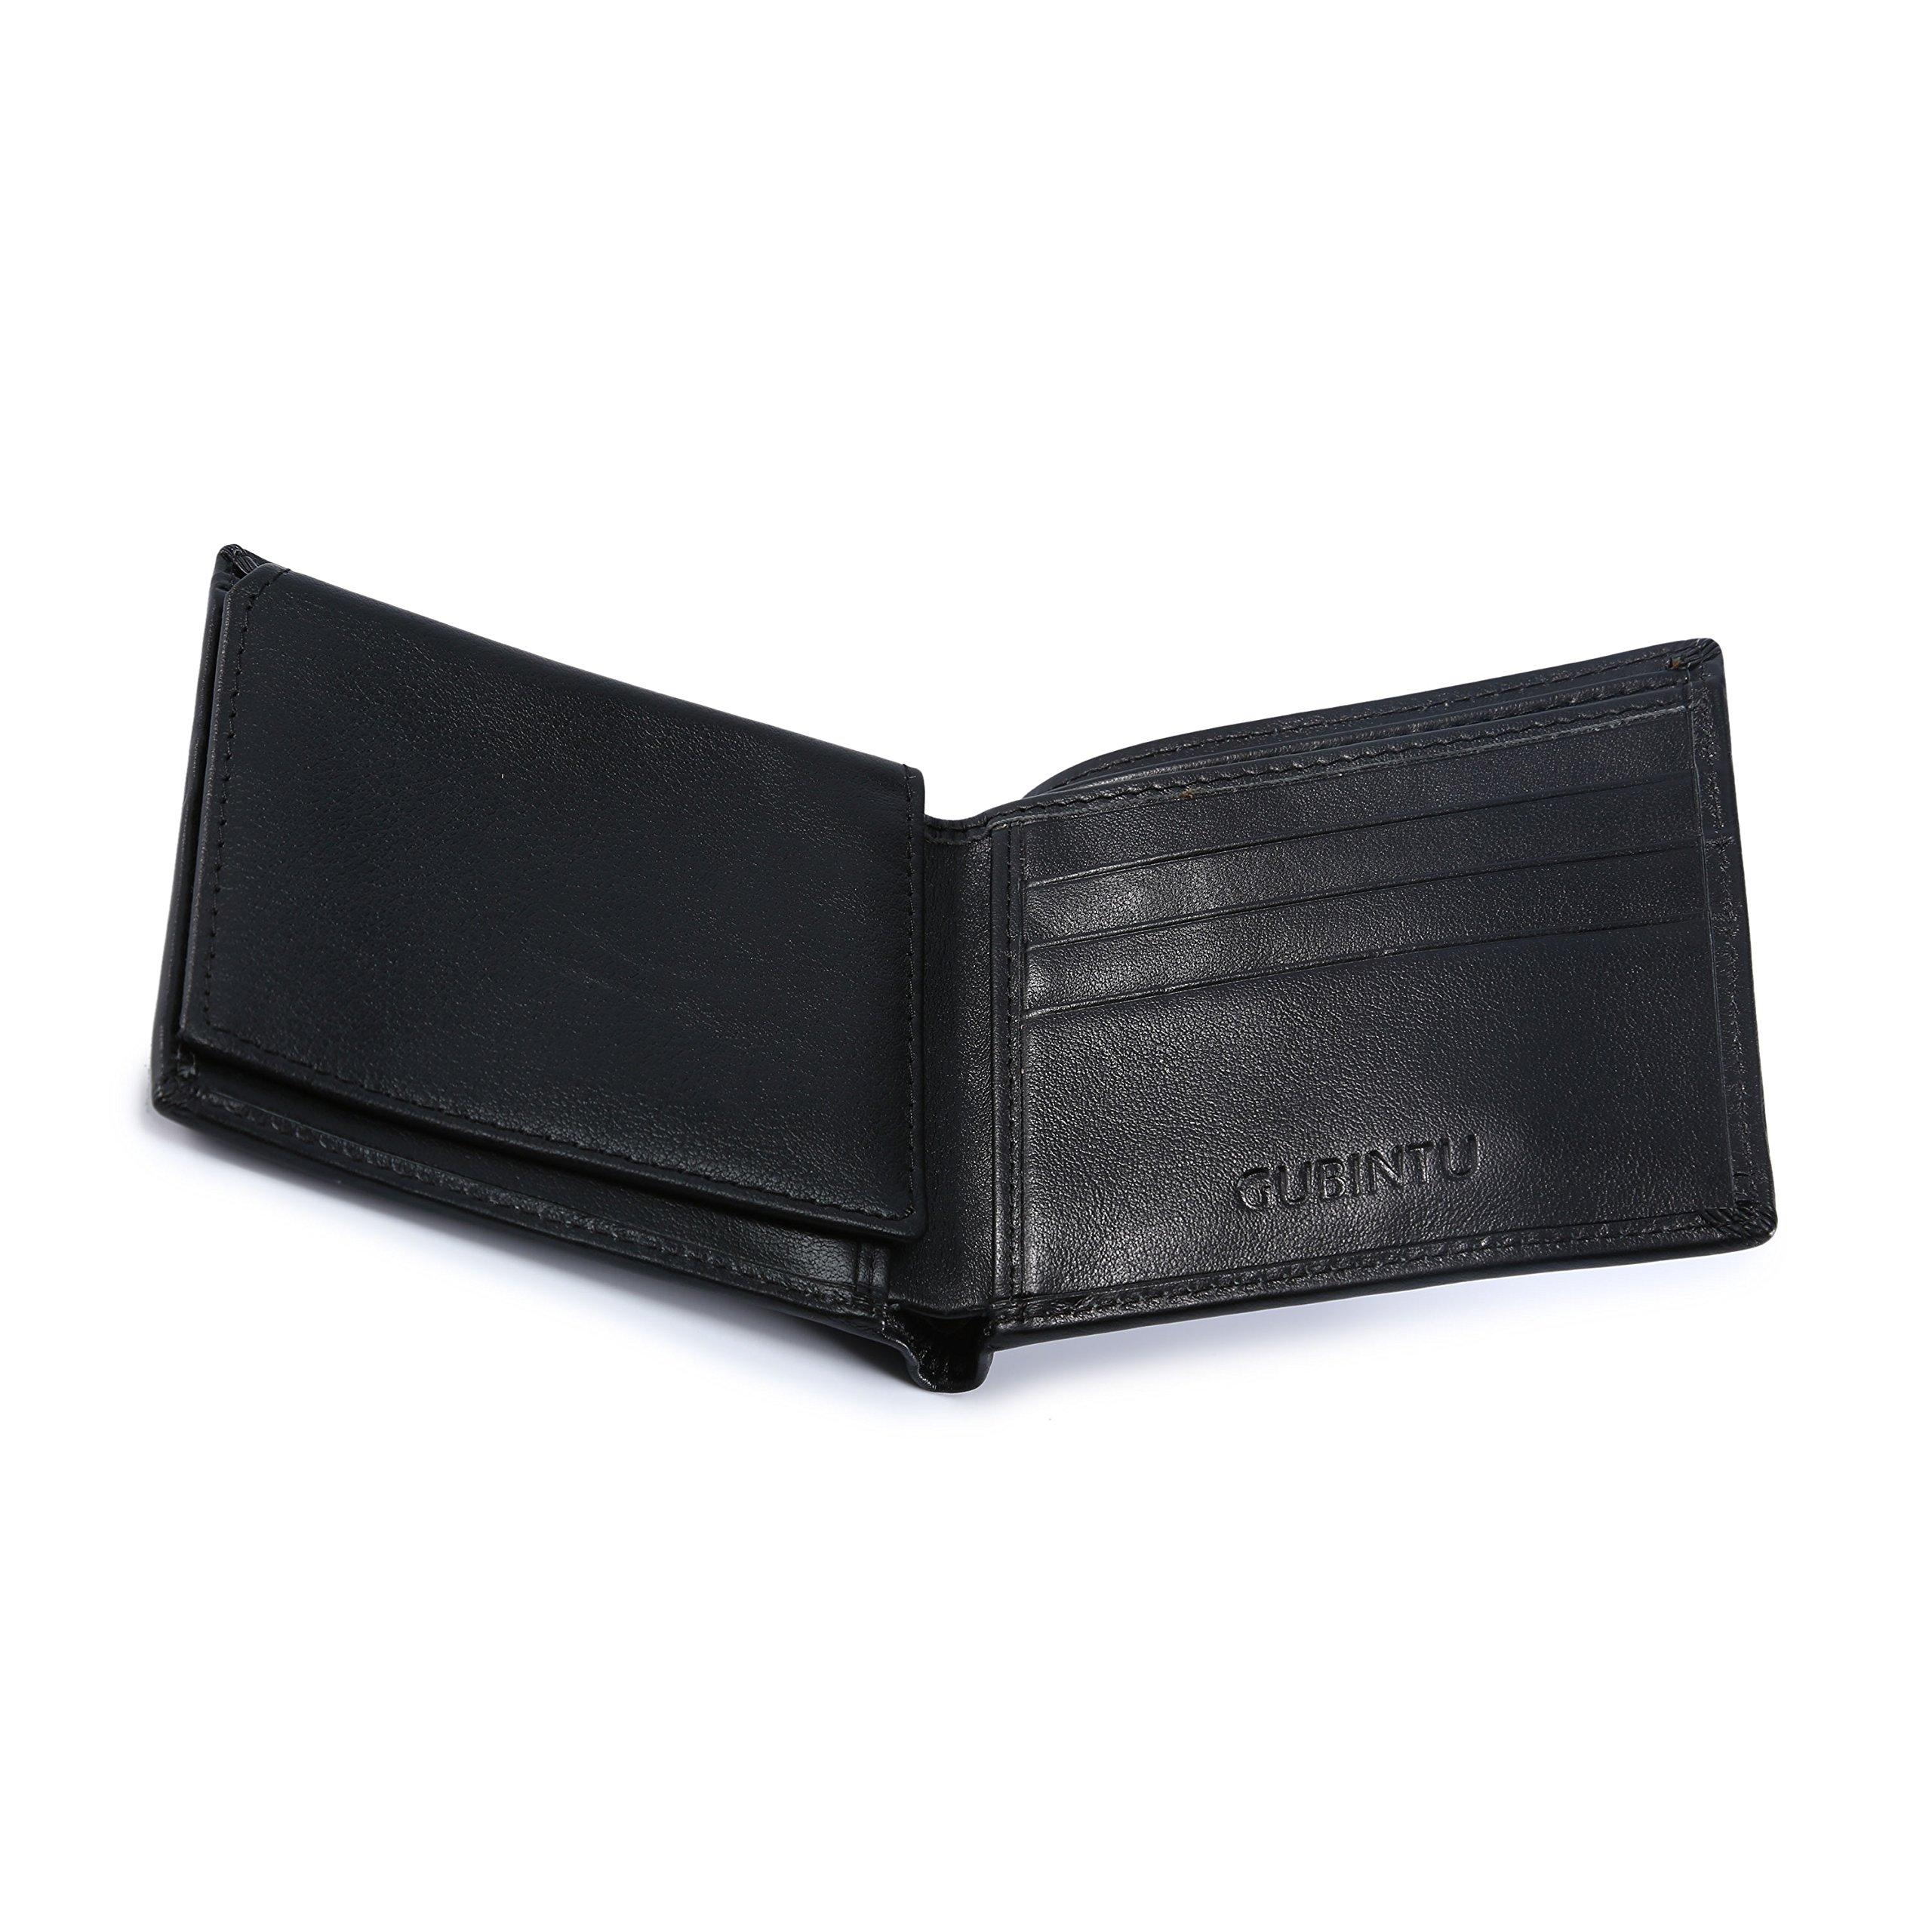 BAIGIO Slim RFID Blocking Leather Card Case Wallet Bifold Money Clip